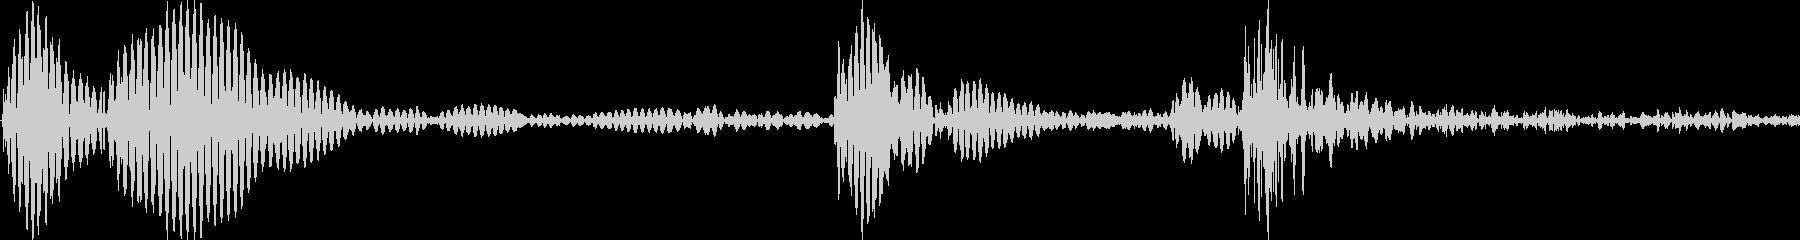 カジュアルなキャンセル音、カコン⤵︎の未再生の波形